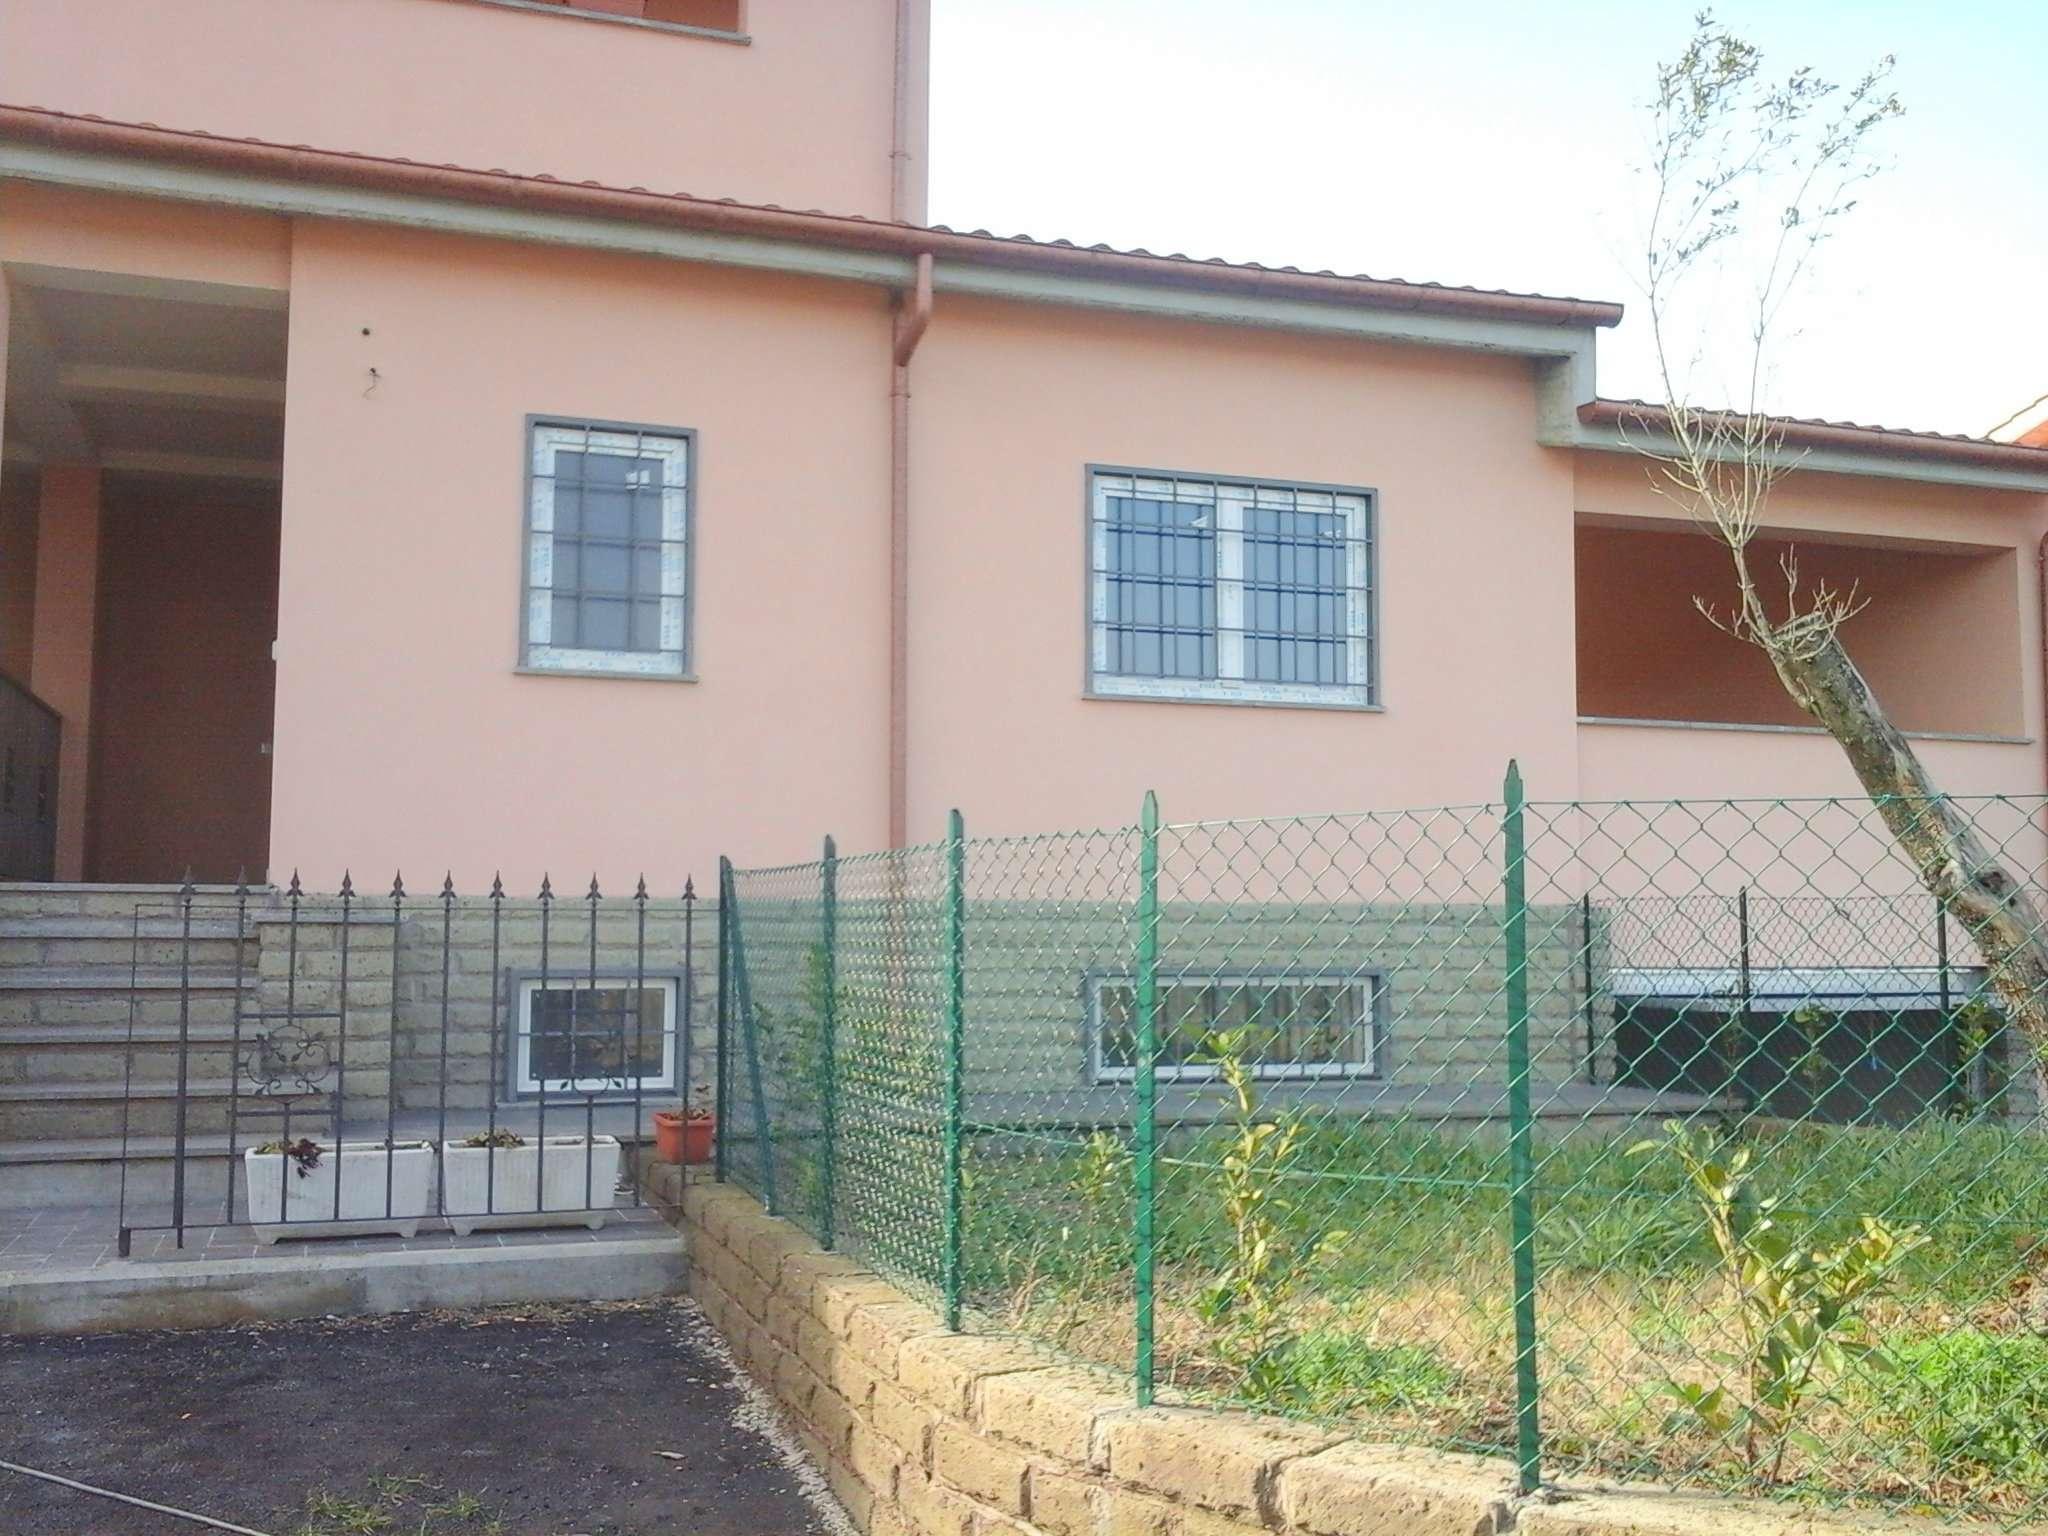 Villa in vendita a Albano Laziale, 3 locali, prezzo € 220.000 | Cambio Casa.it